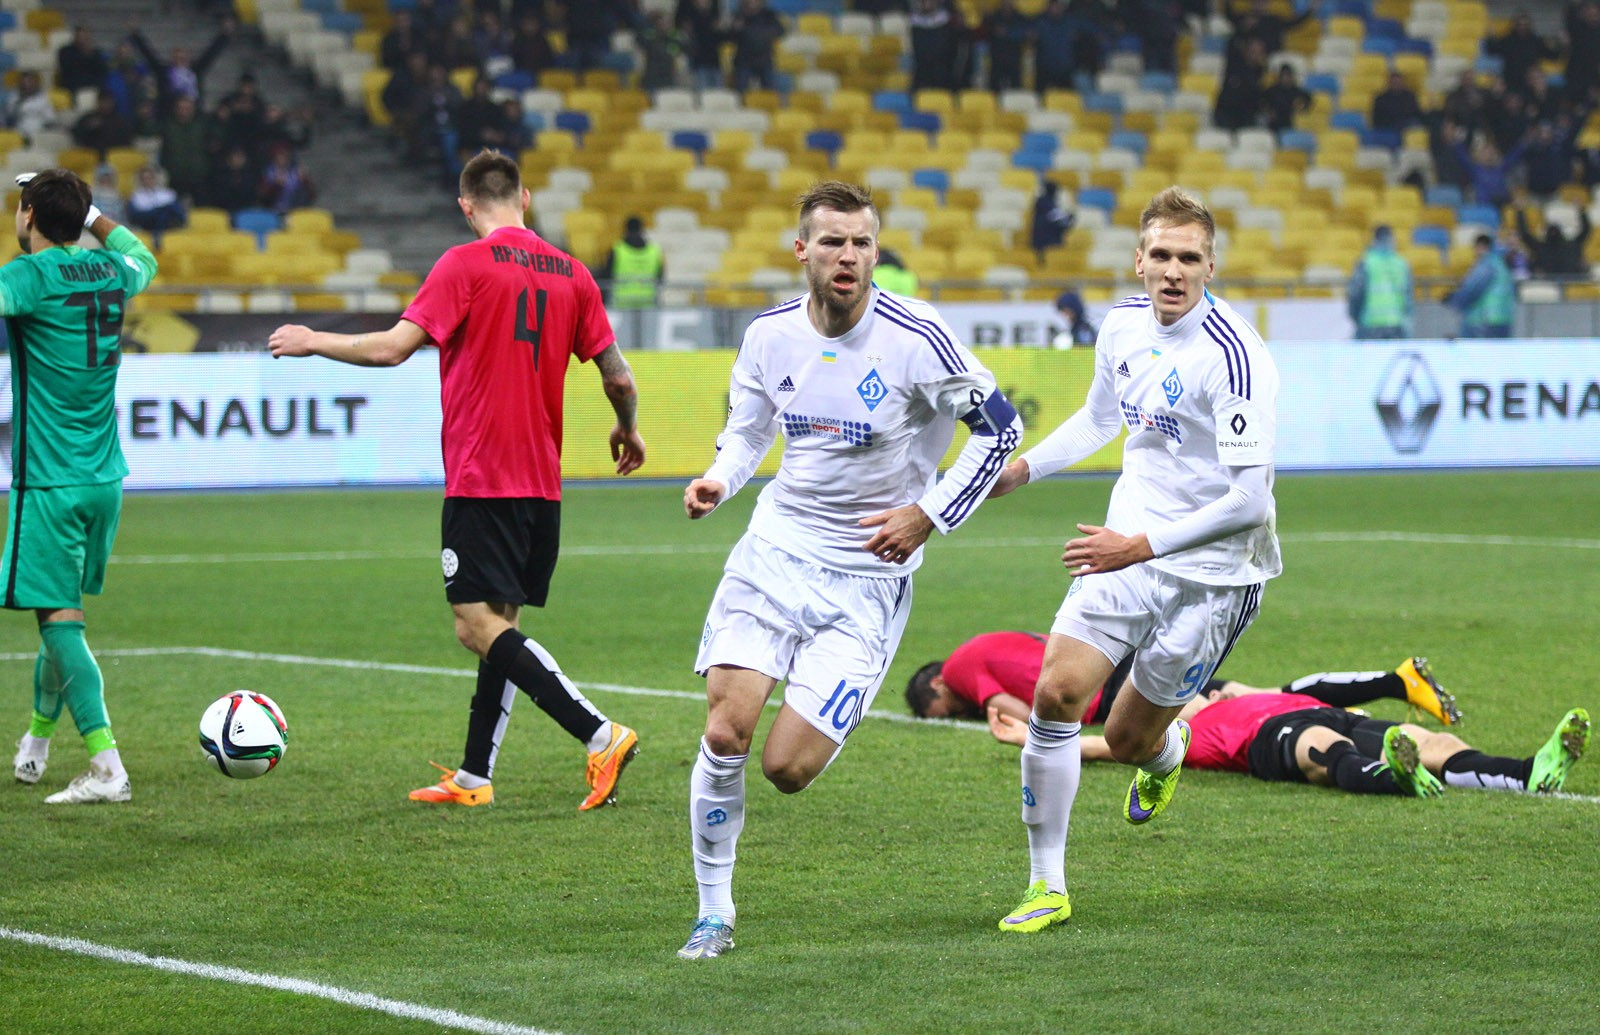 Взгляд из-за бугра: почему Ярмоленко не будет в английской Премьер – лиге - изображение 3